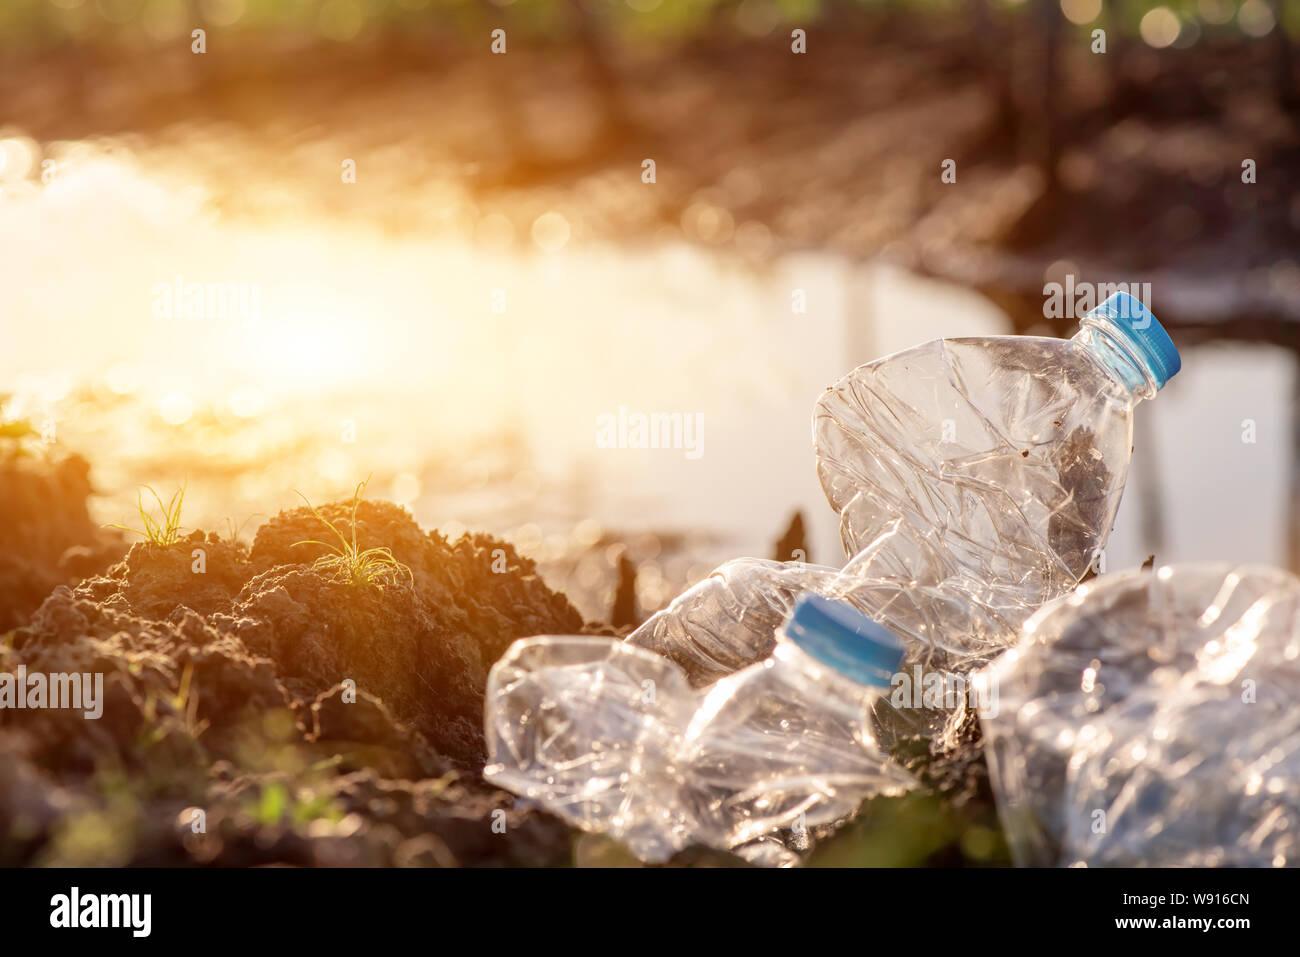 Conciencia medioambiental y de plástico. Concepto del Día Mundial del Medio Ambiente. Salvar la tierra salvar la vida. Foto de stock